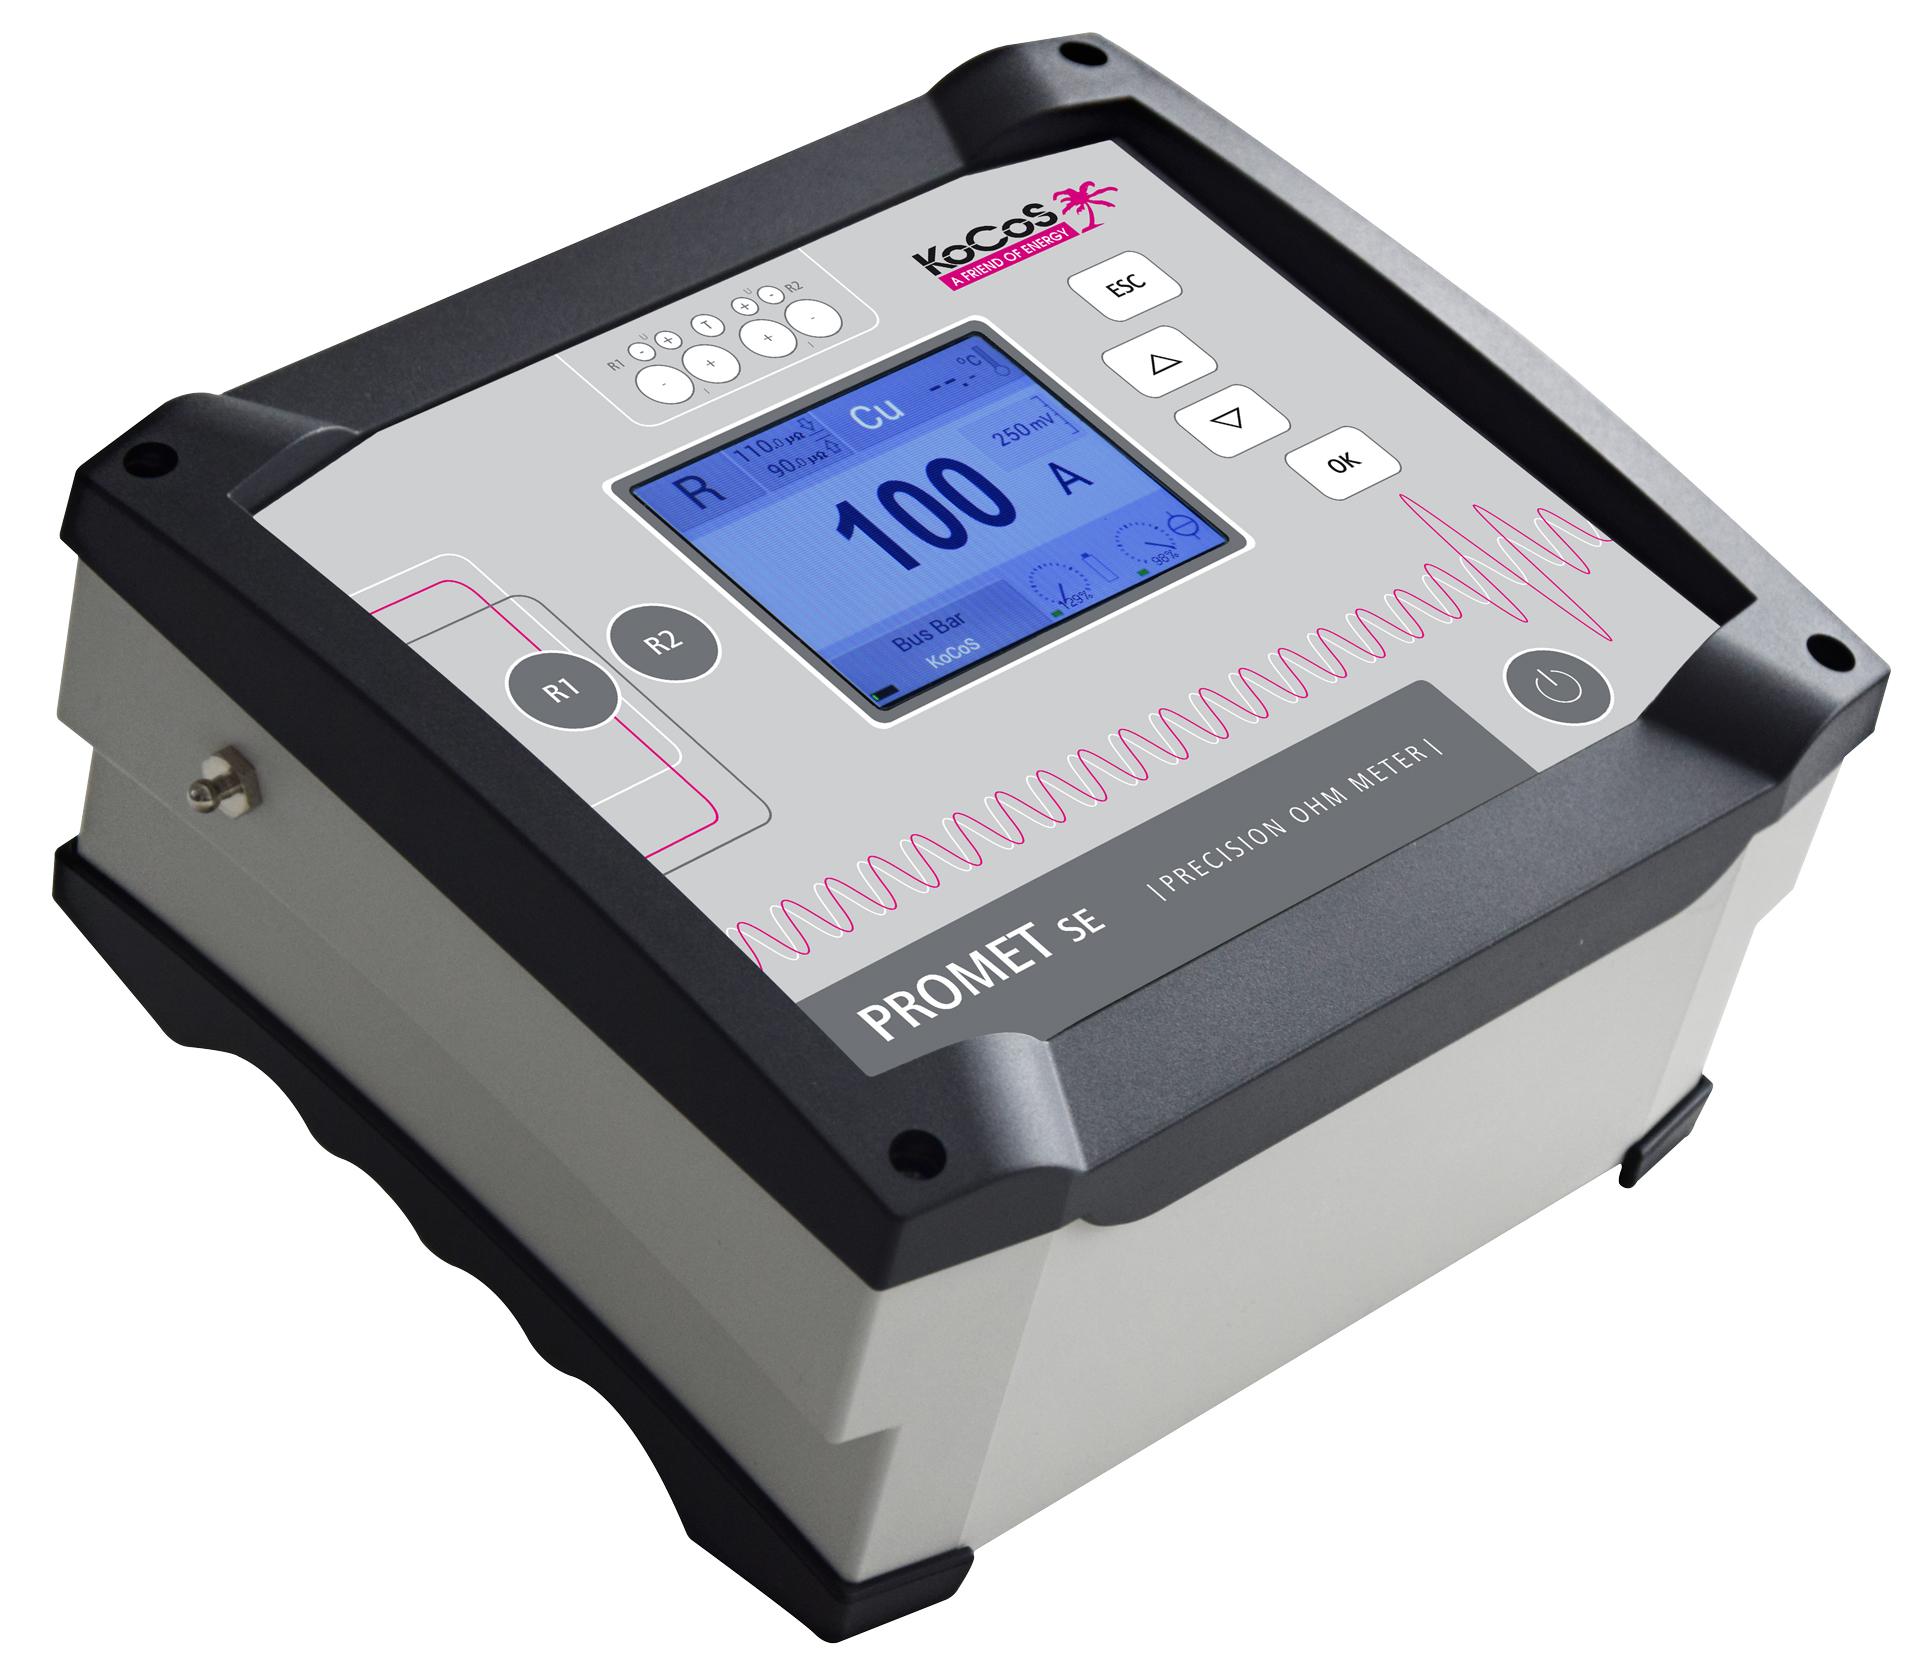 ACTAS P360 + PROMET SE: medições das resistências de contato do disjuntor